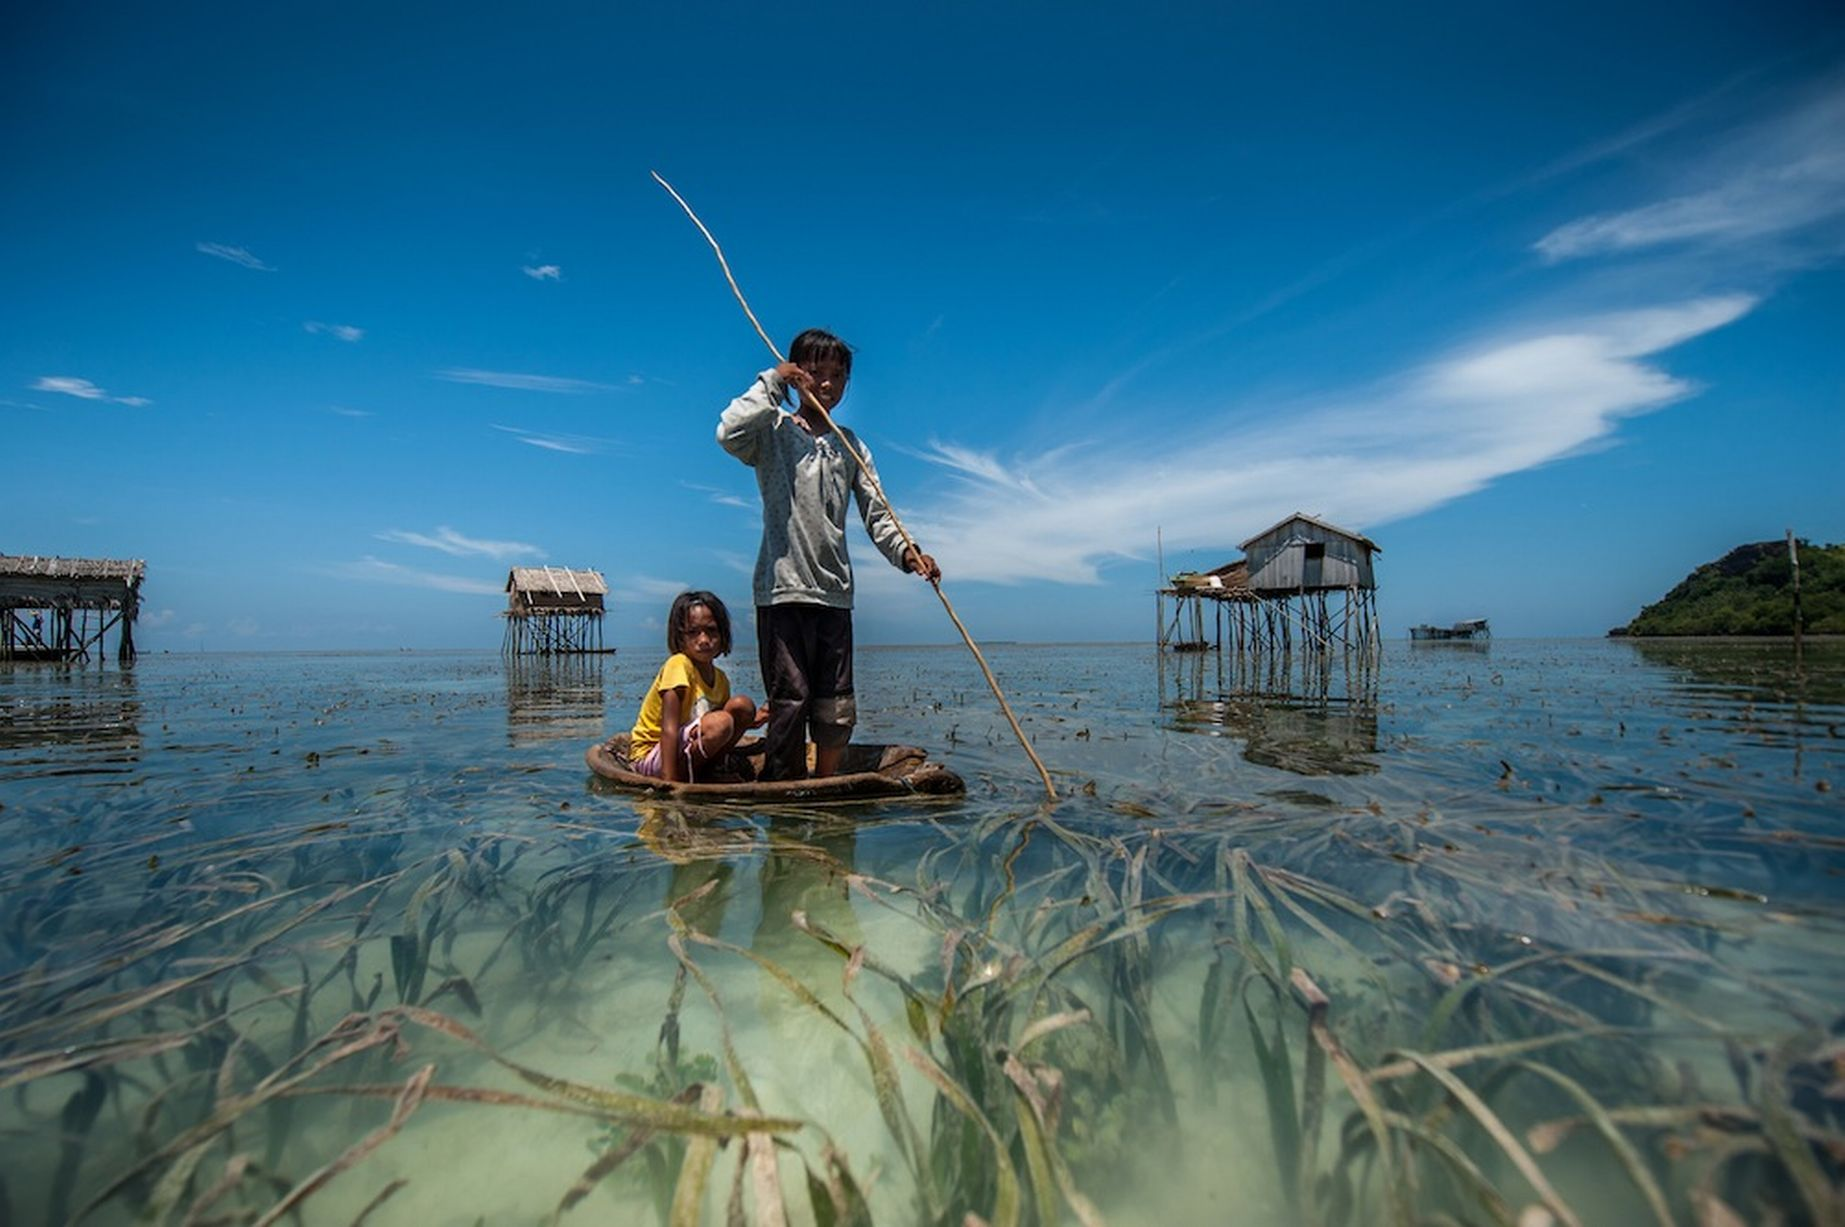 Bajau people of Malaysia - Bajau 2